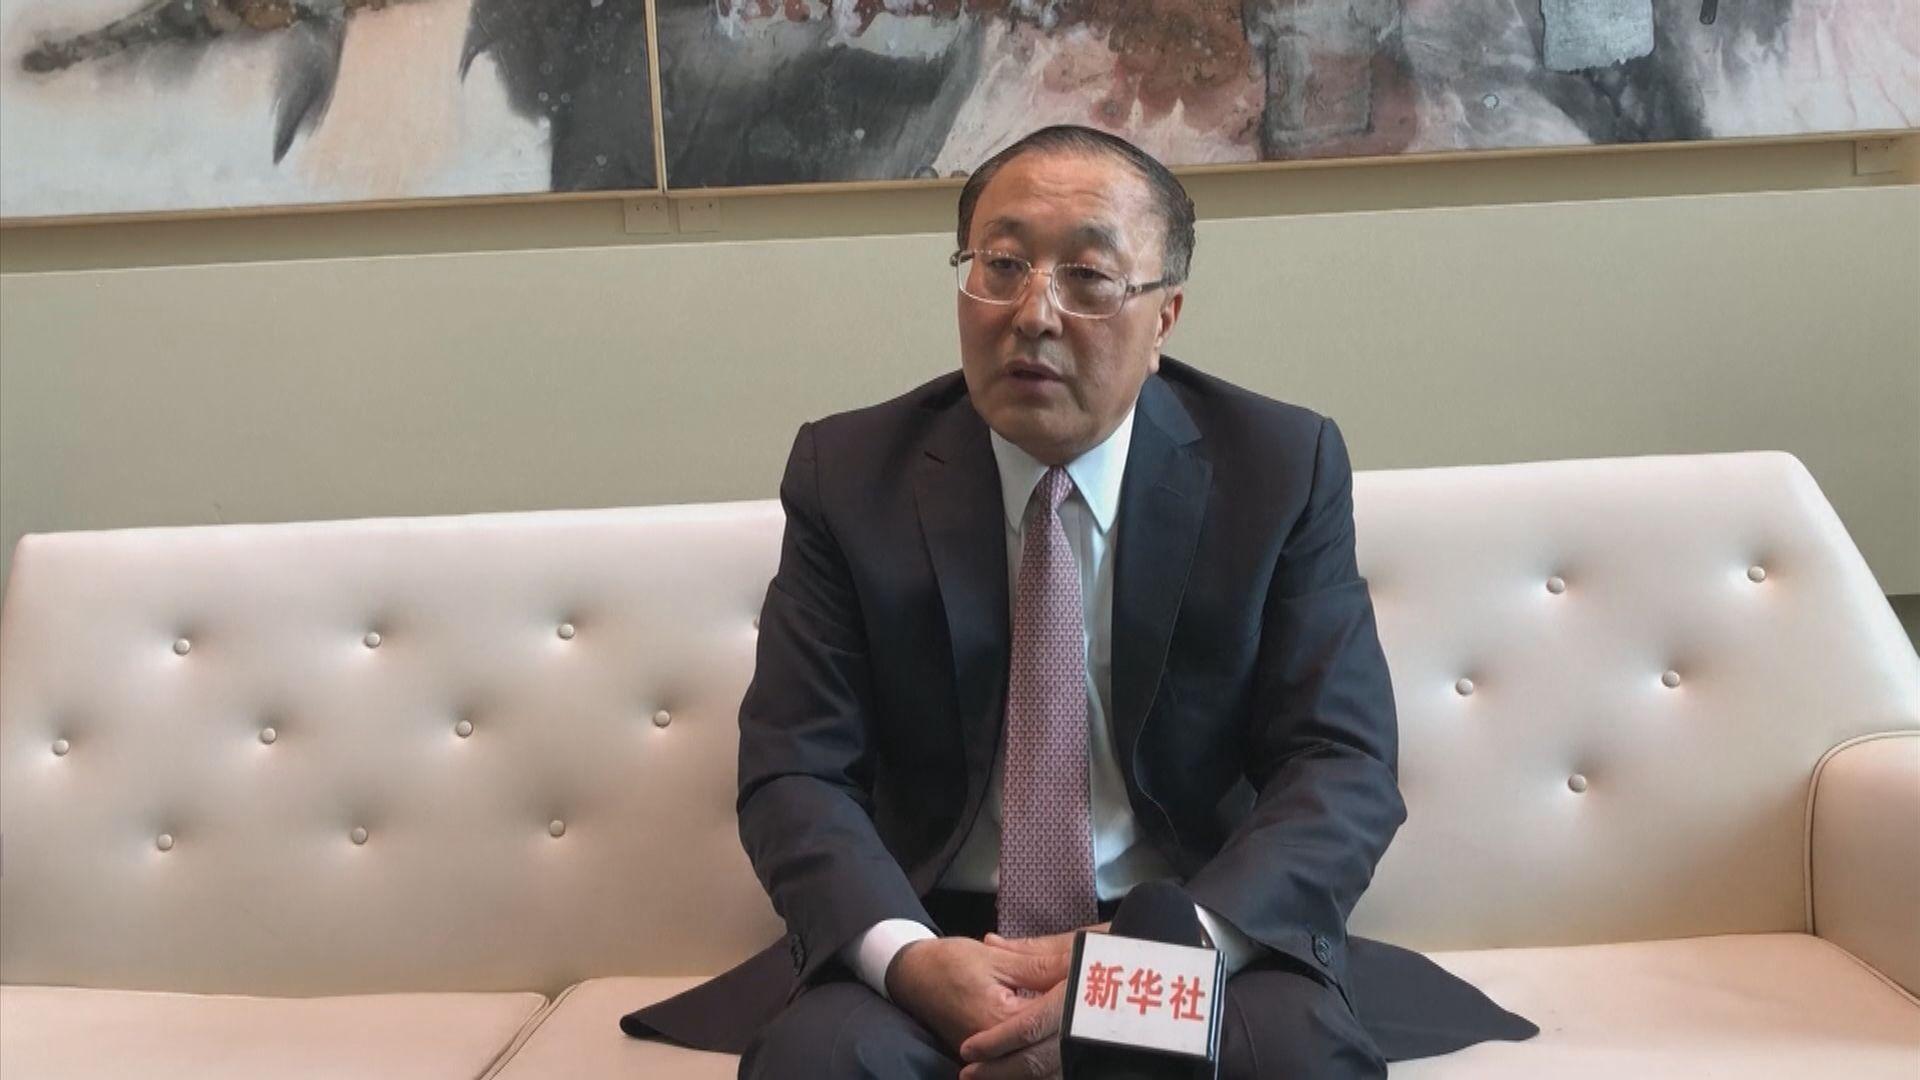 張軍:支持香港特區政府採取行動恢復社會秩